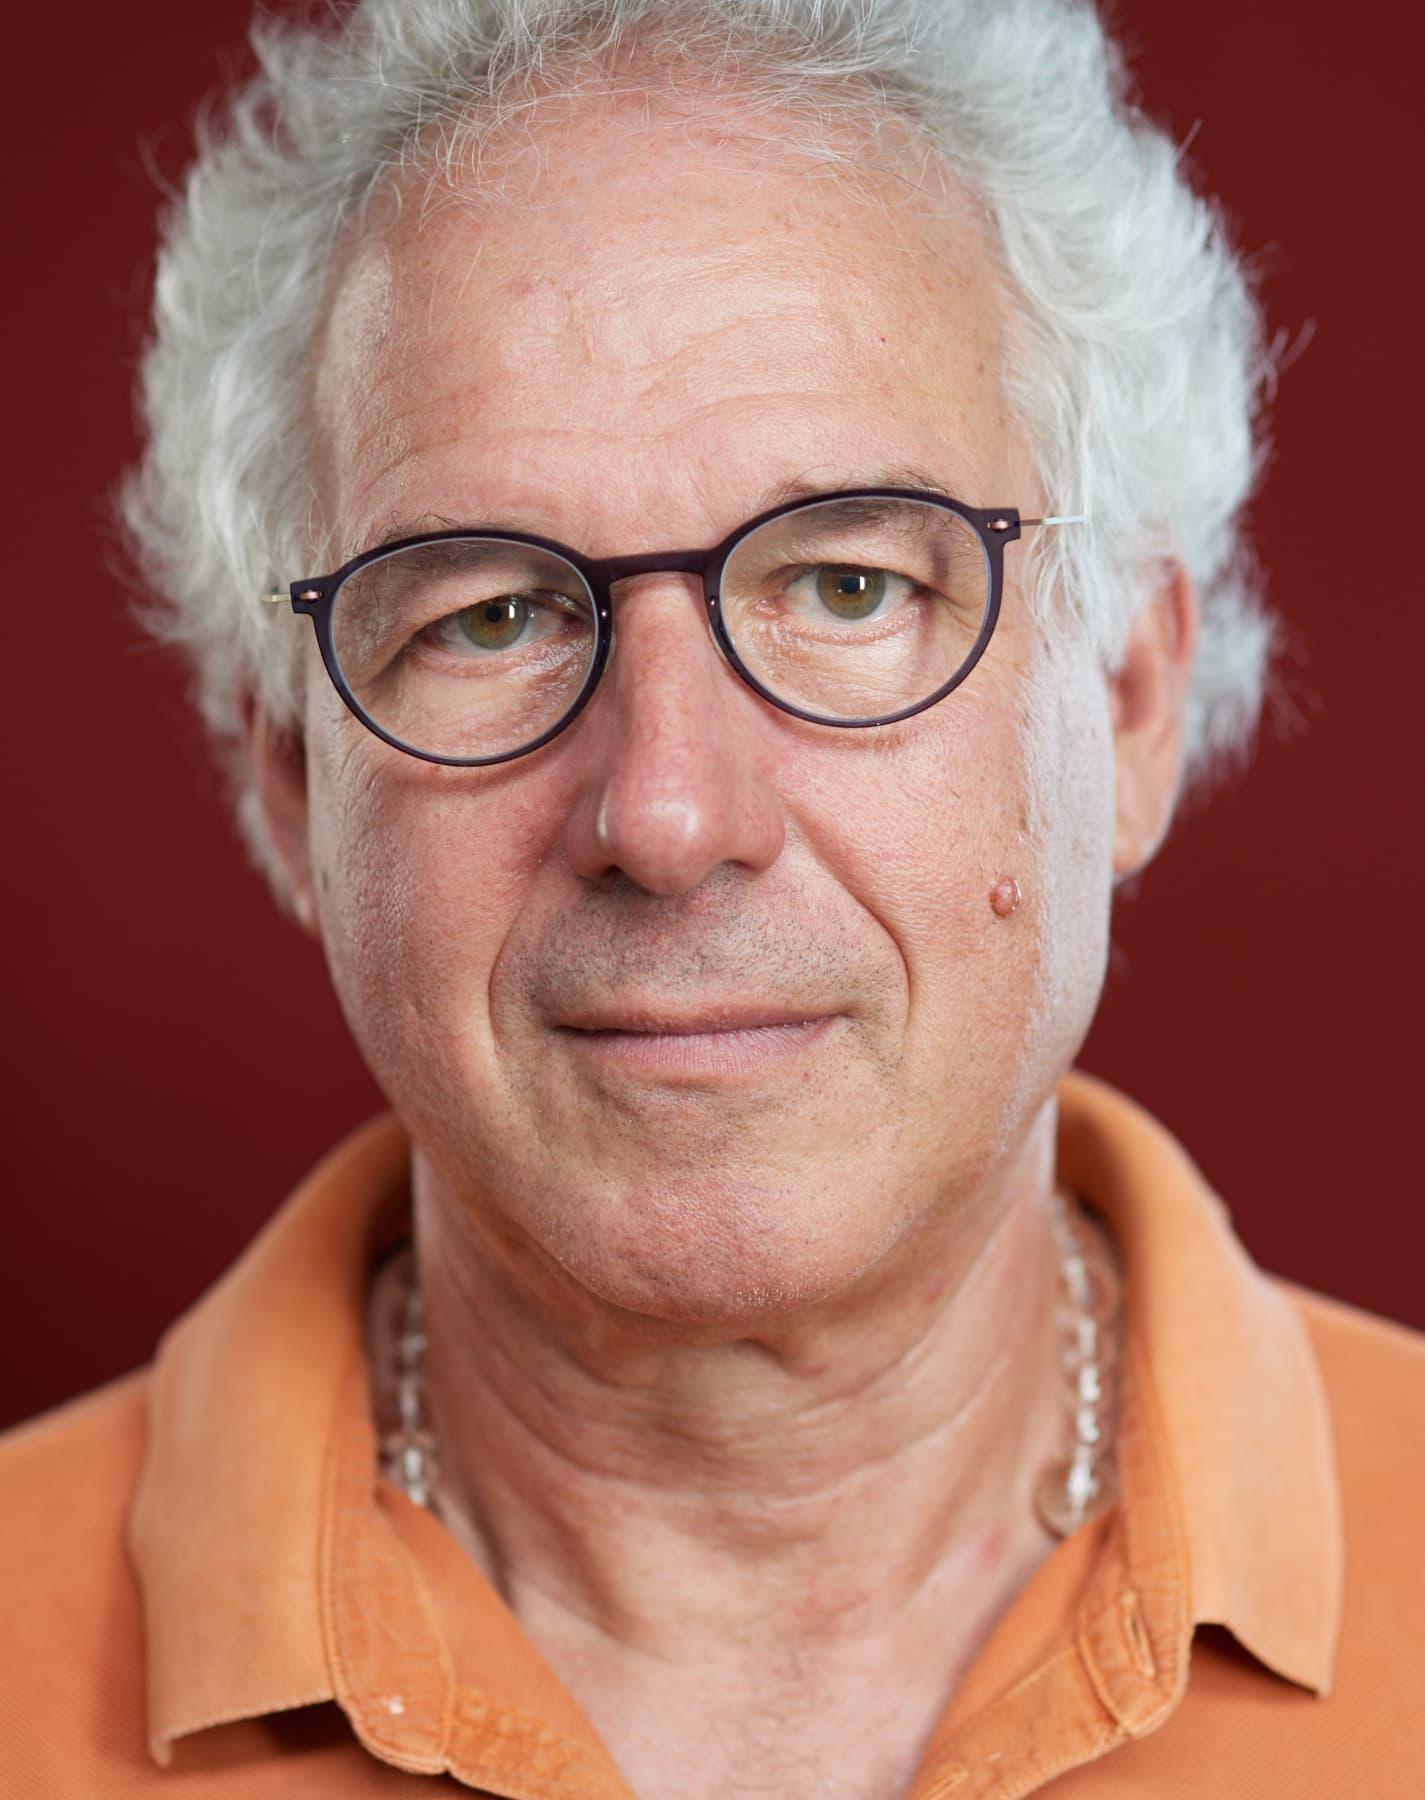 Portrait von eines Mannes mit grauem Haar vor rotem Hintergrund